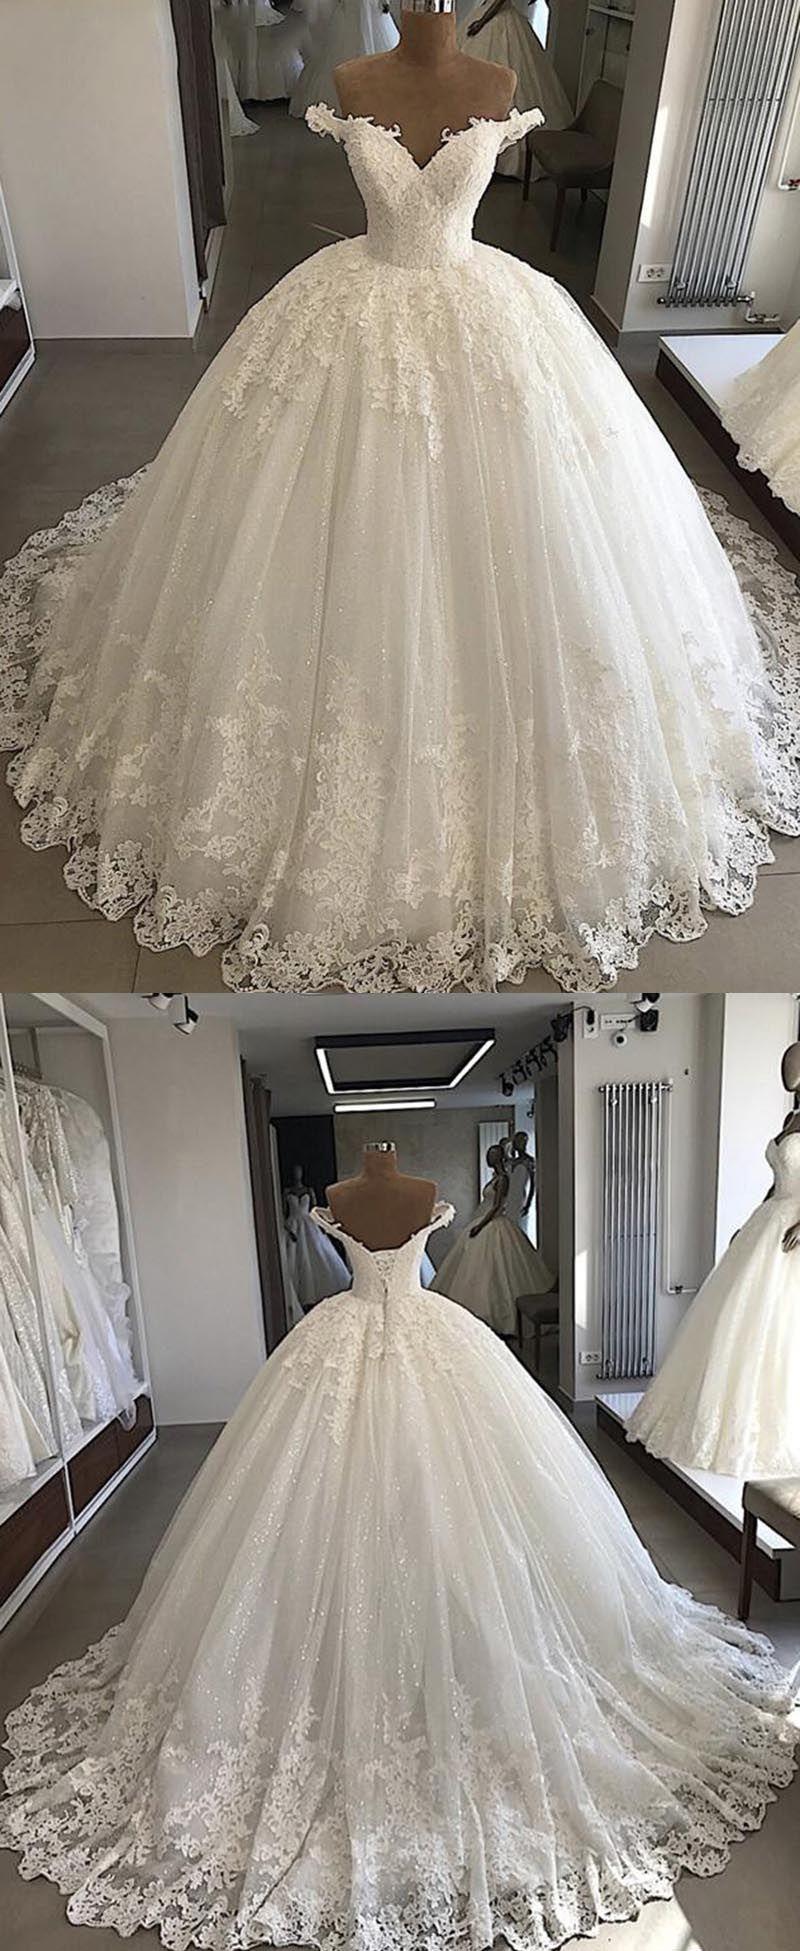 Glitter ball gown women princess wedding bridal dresses